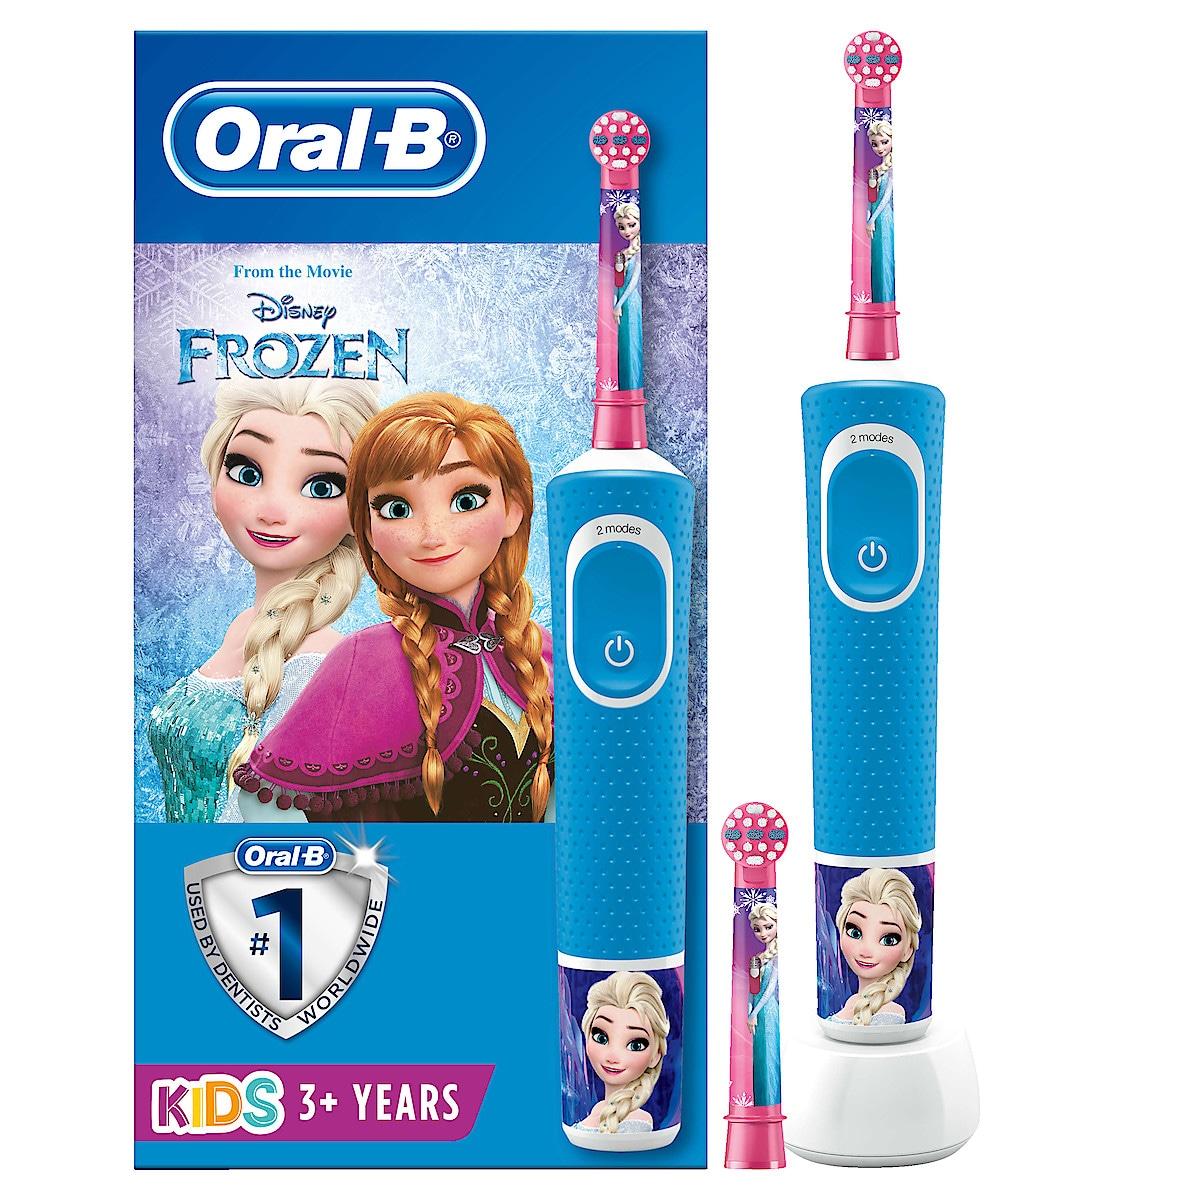 Eltandborste Oral-B Kids